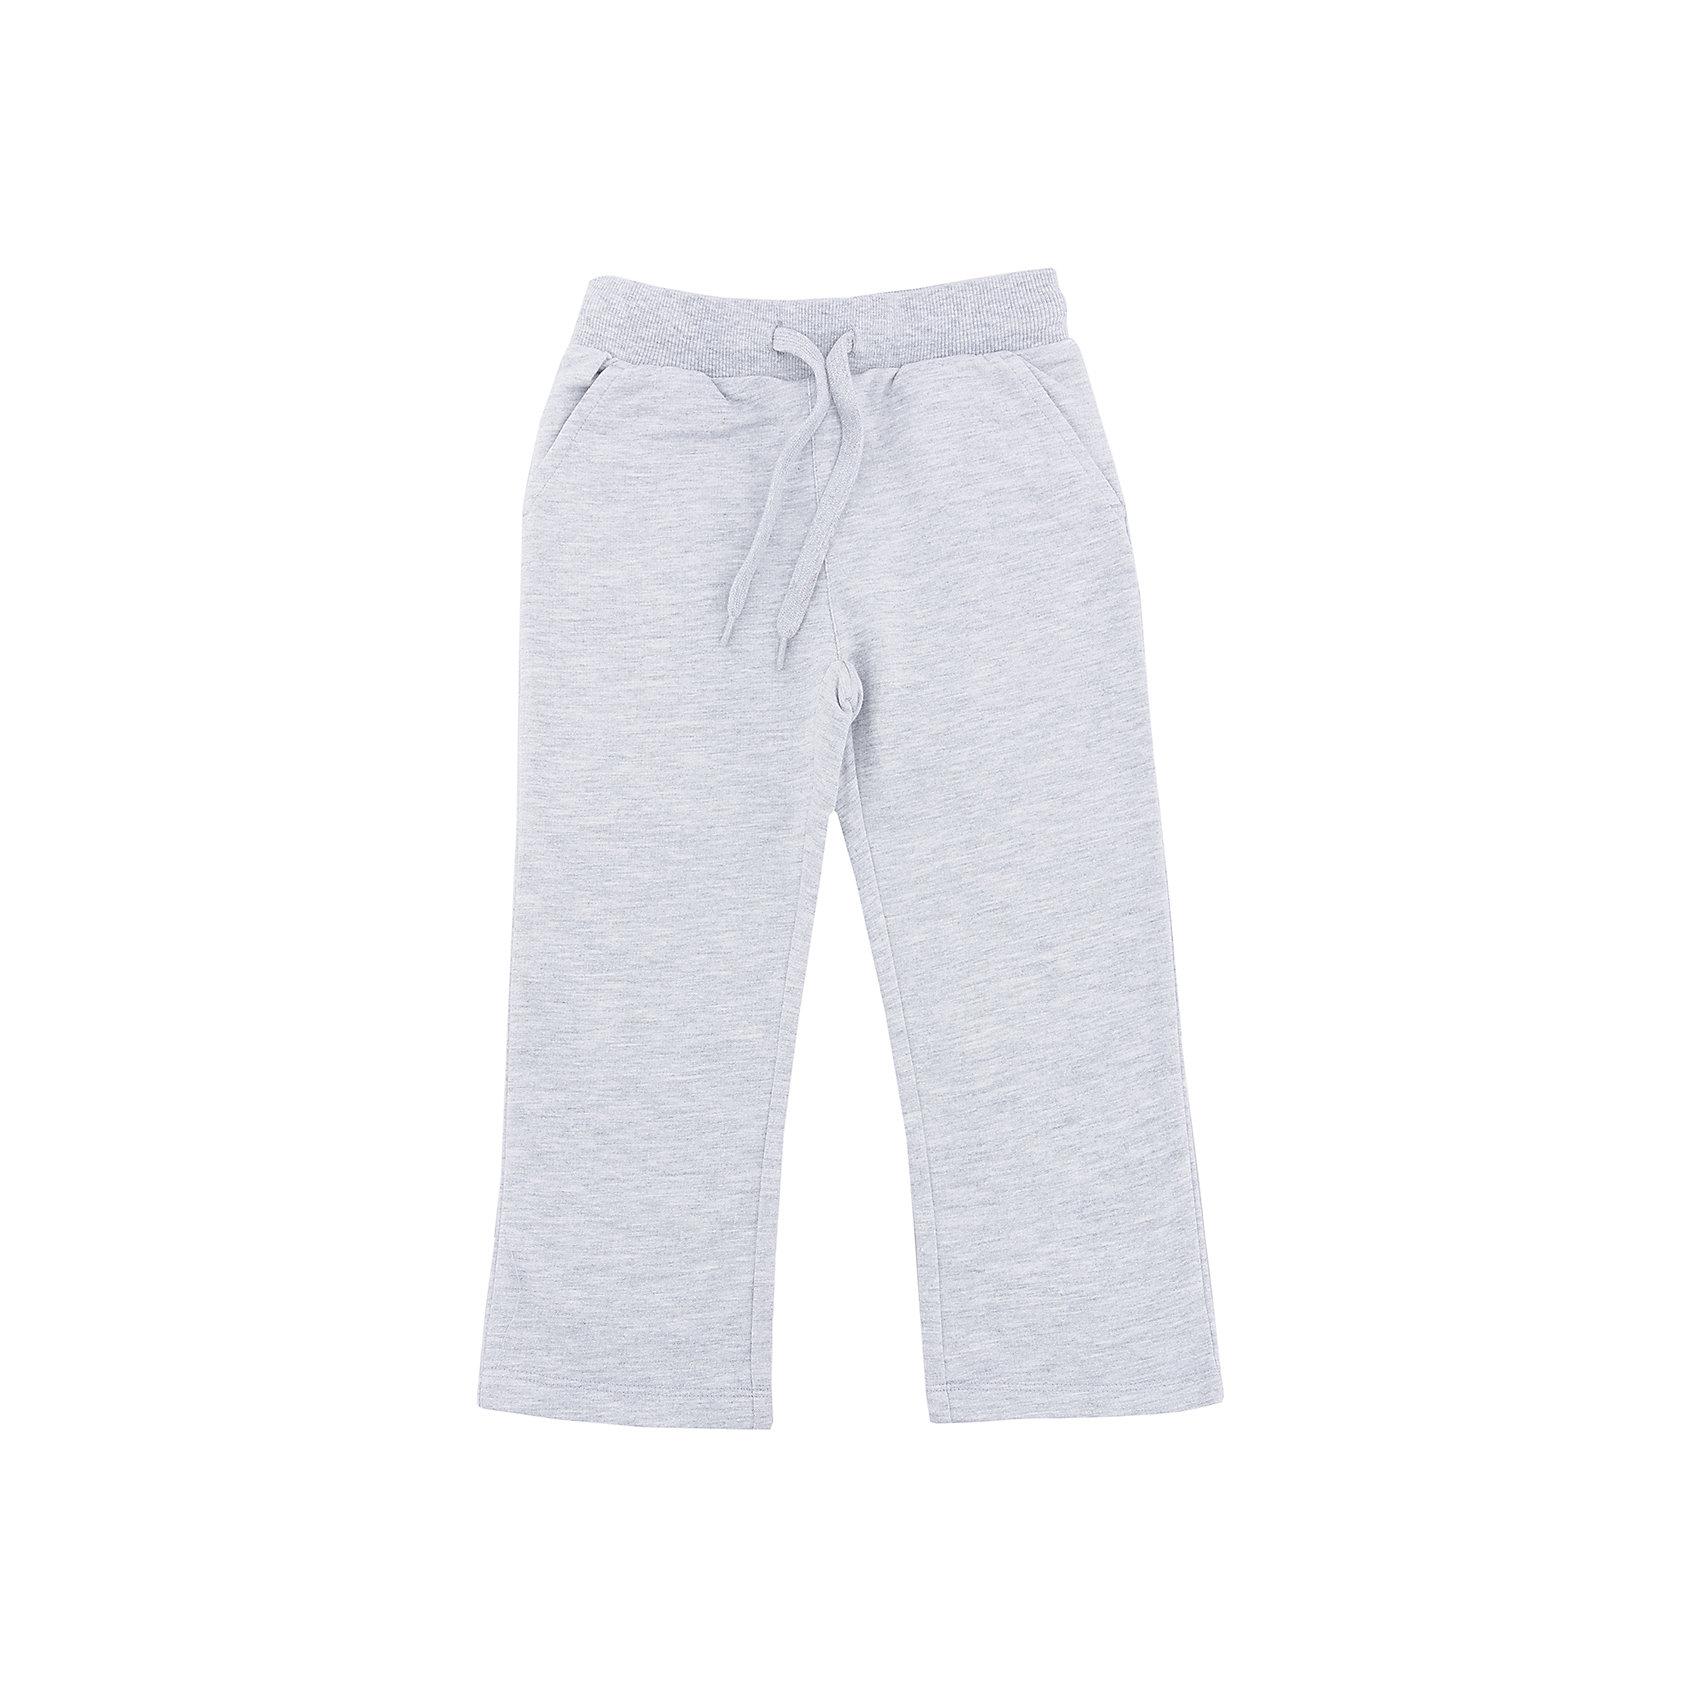 Брюки для мальчика SELAСпортивная одежда<br>Брюки для мальчика SELA (Села)<br><br>Характеристики:<br><br>• прямой силуэт<br>• состав: 60% хлопок, 40% полиэстер<br>• коллекция: весна 2017<br>• цвет: серый меланж<br><br>Брюки для мальчика от популярного бренда Sela изготовлены из высококачественных материалов. Брюки имеют прямой силуэт, резиночку на поясе, завязки и два кармана спереди. Модель хорошо сидит по фигуре, не сковывая движений ребенка. Отличный вариант для спортивных занятий или на каждый день!<br><br>Брюки для мальчика SELA (Села) вы можете купить в нашем интернет-магазине.<br><br>Ширина мм: 215<br>Глубина мм: 88<br>Высота мм: 191<br>Вес г: 336<br>Цвет: серый меланж<br>Возраст от месяцев: 60<br>Возраст до месяцев: 72<br>Пол: Мужской<br>Возраст: Детский<br>Размер: 116,92,98,104,110<br>SKU: 5302331